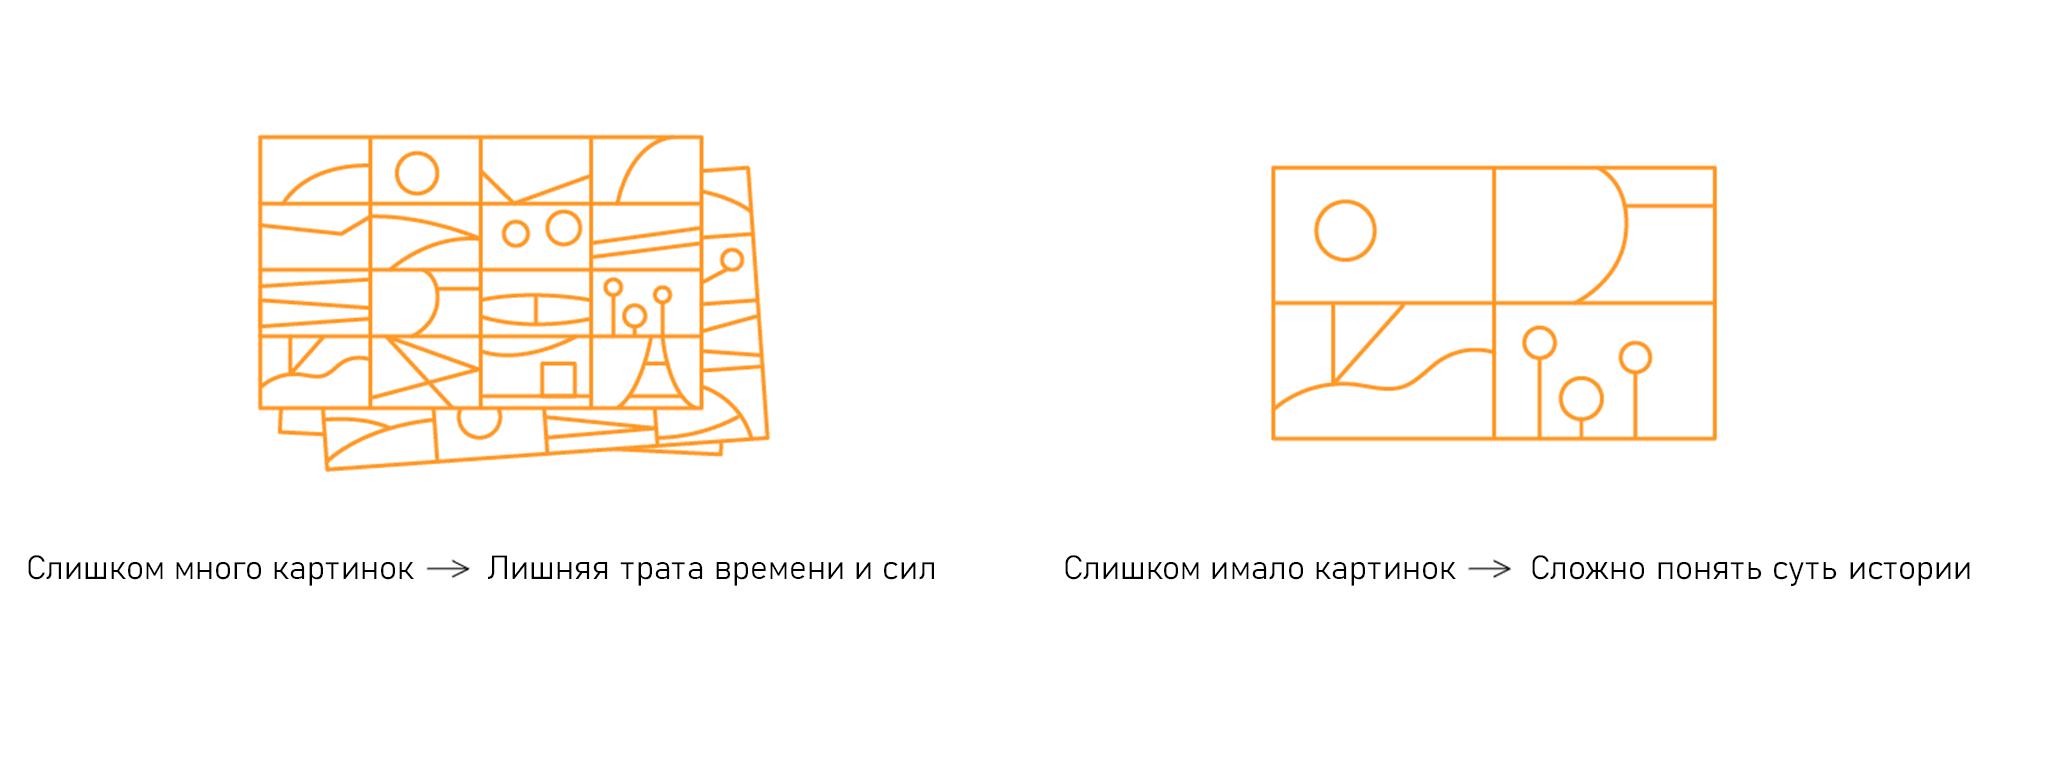 Слишком много картинок — трата времени и сил. 2. Слишком мало картинок — сложно понять, что изображено на сториборде.